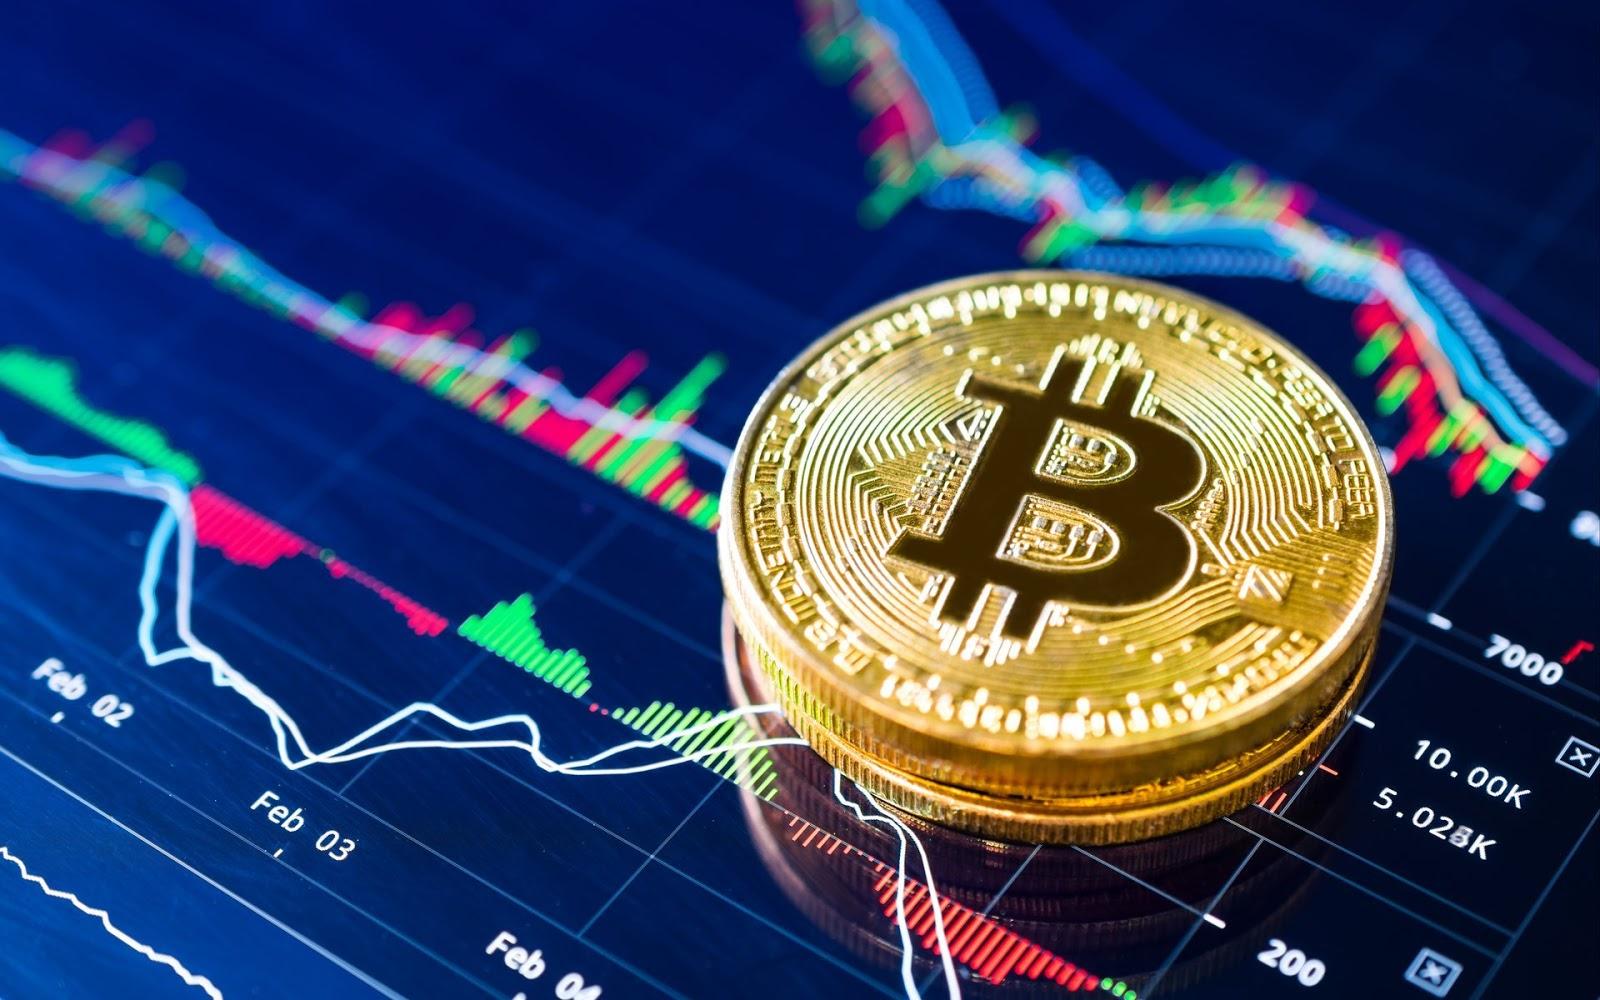 crypto exchange coin bitcoin green coin mercato